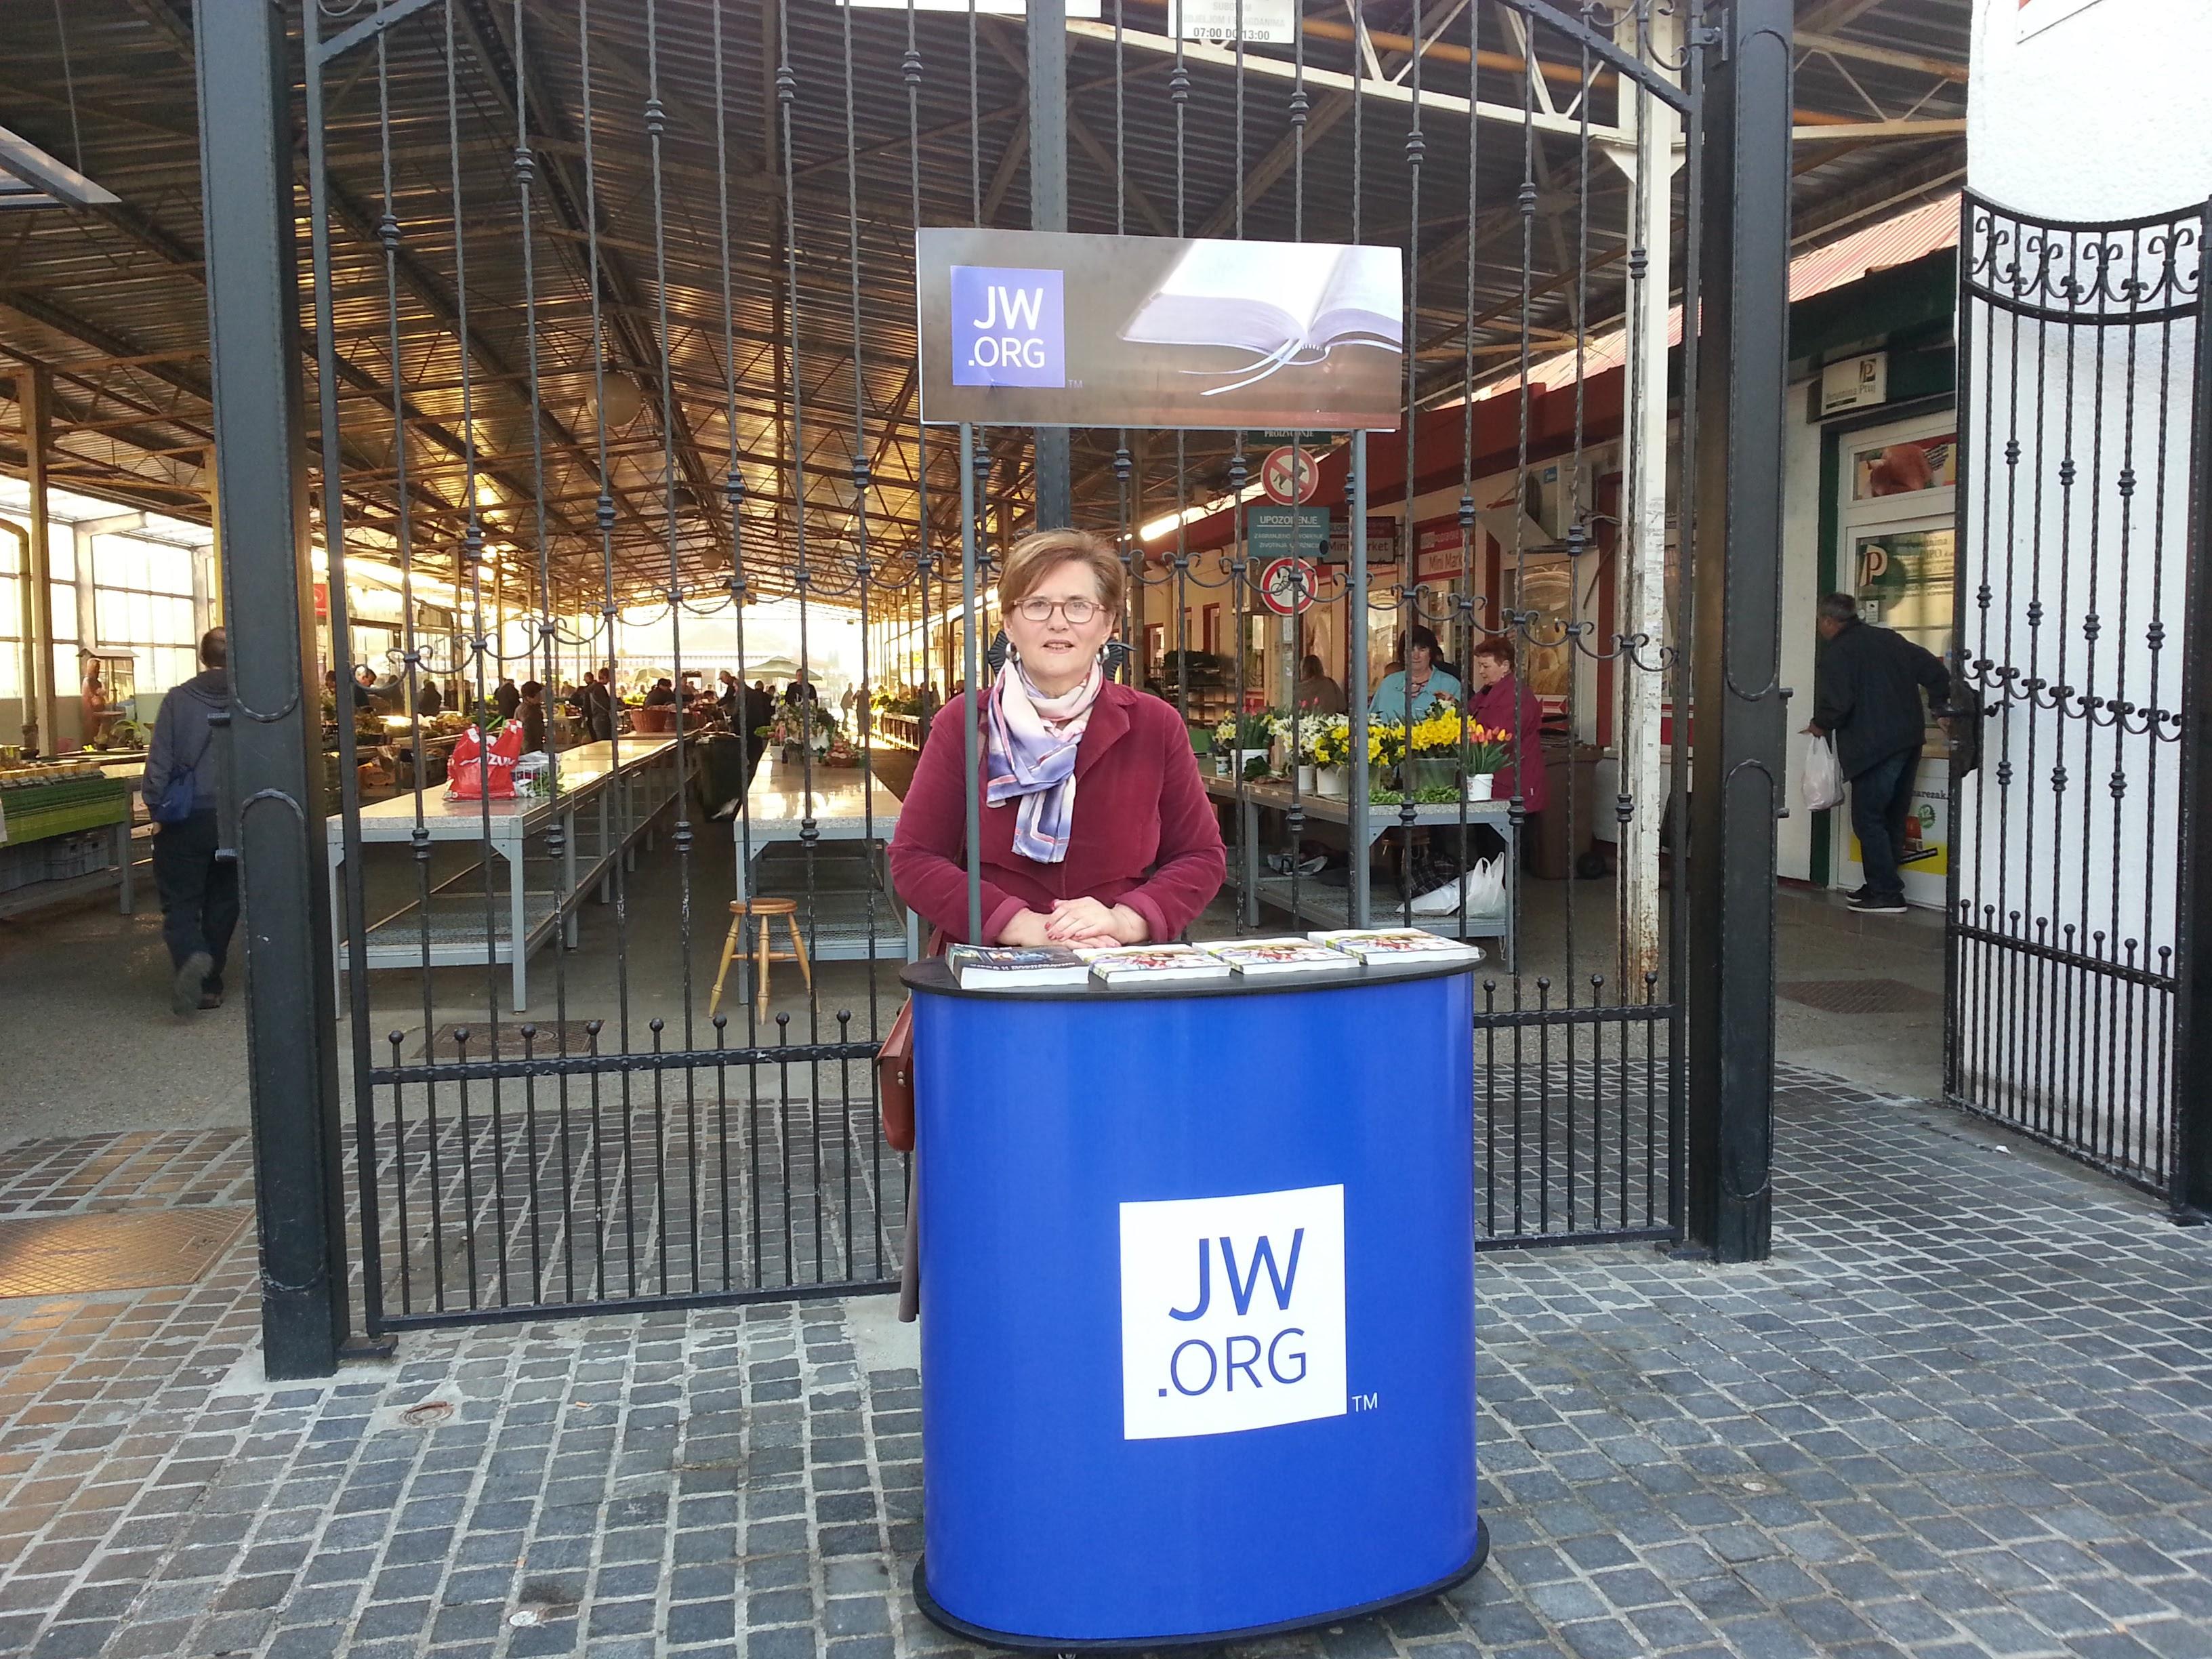 Besplatno web mjesto za svjedoke Jehova